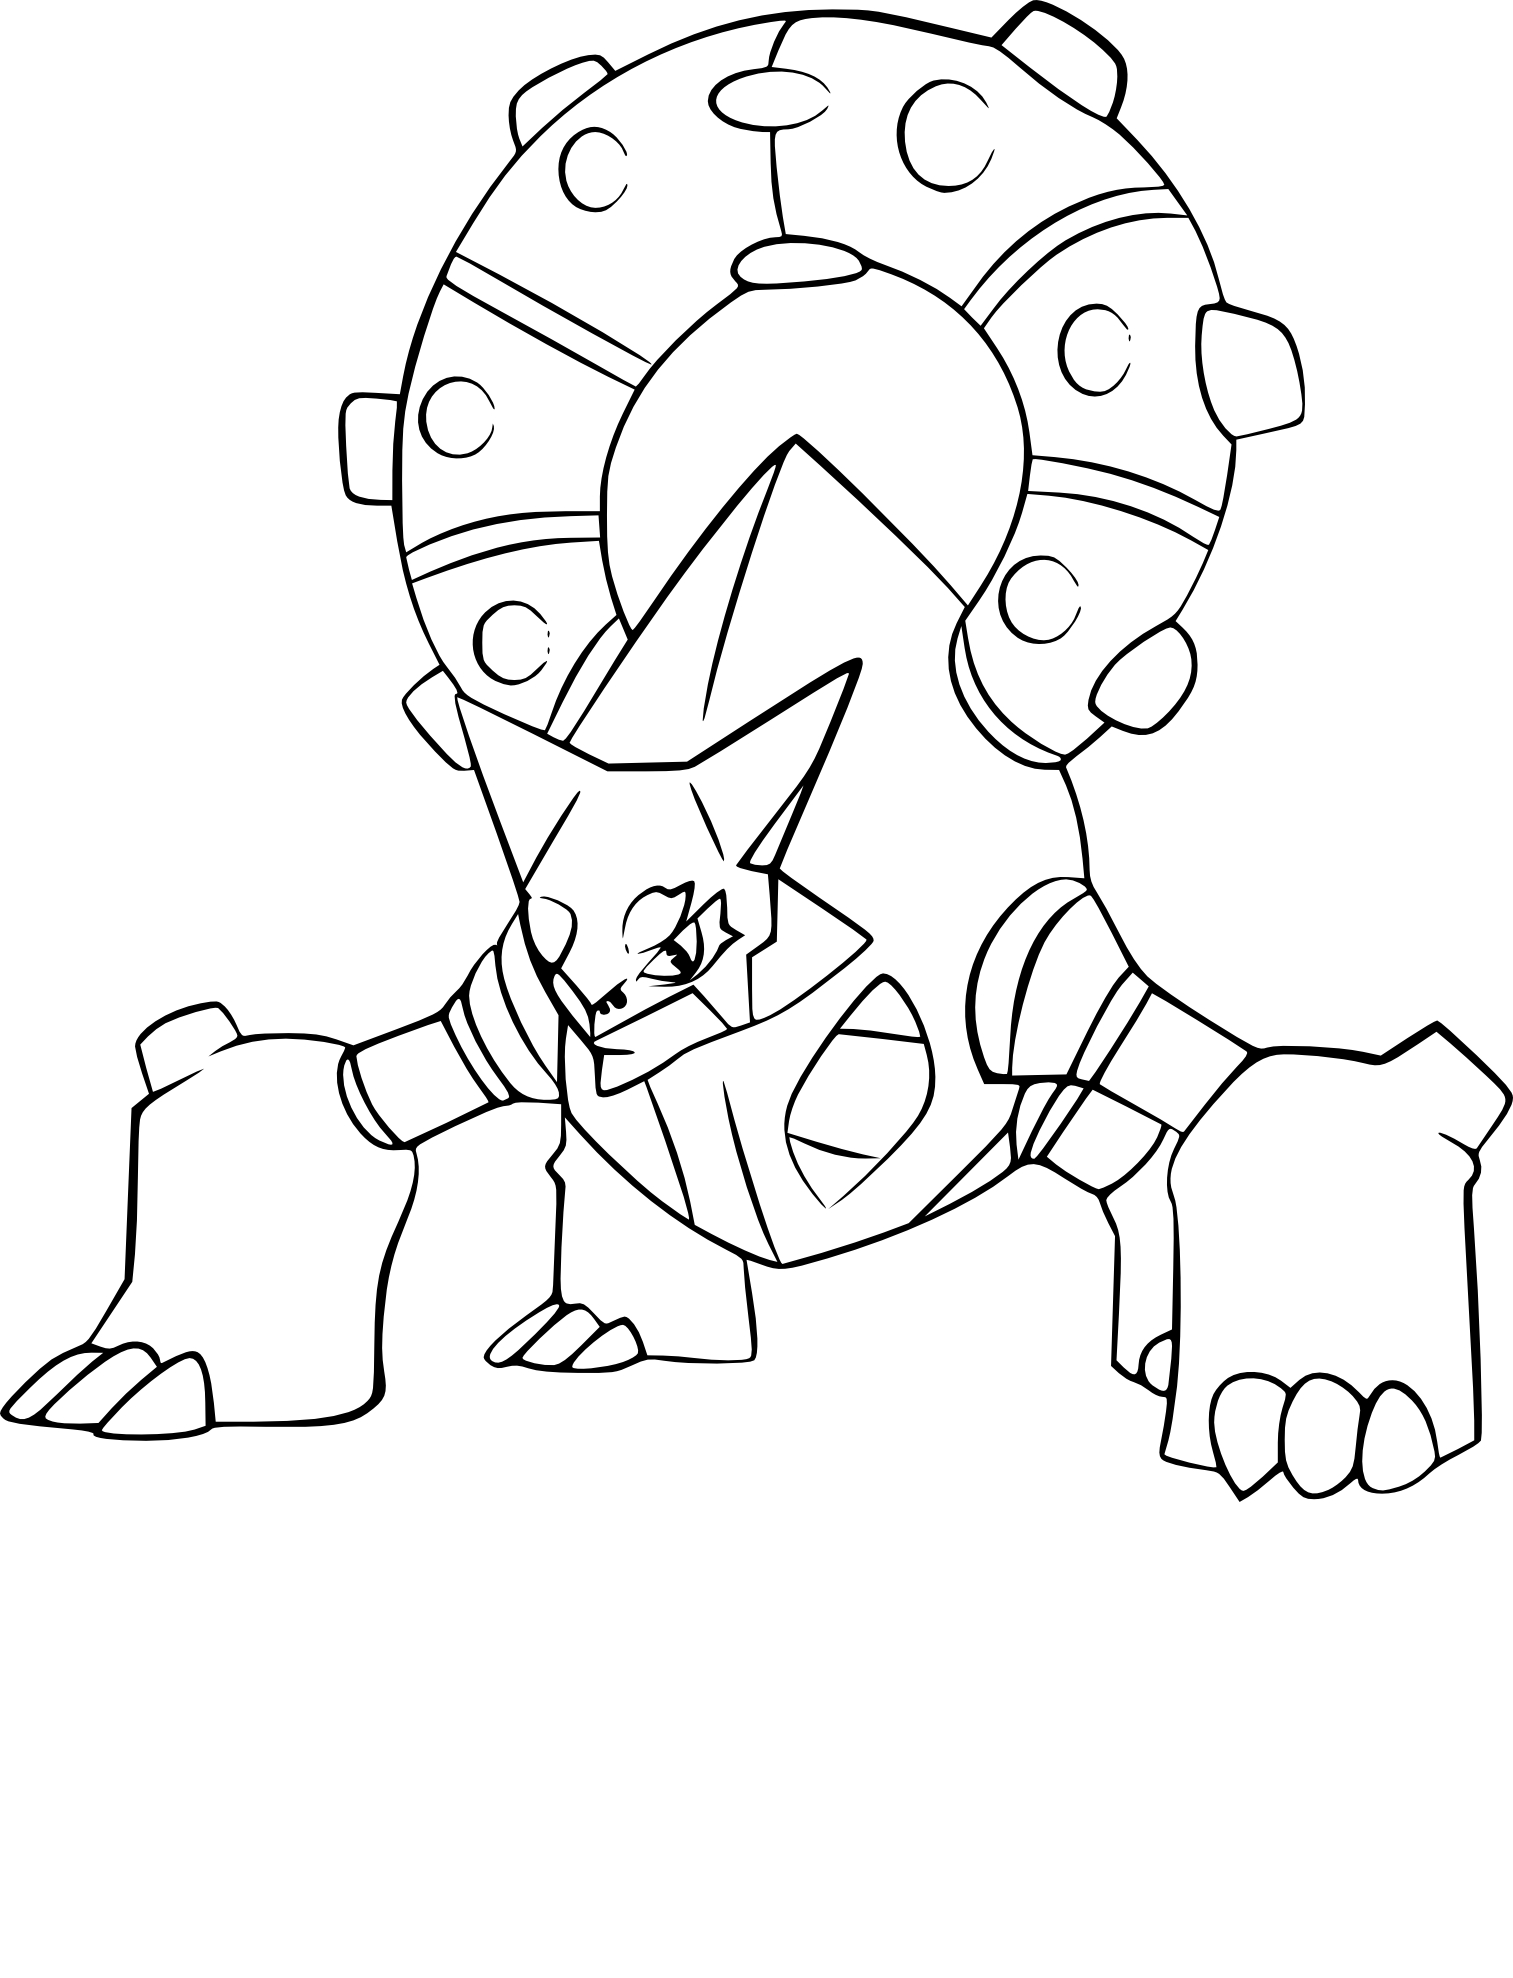 meilleur de dessin a imprimer pokemon palkia